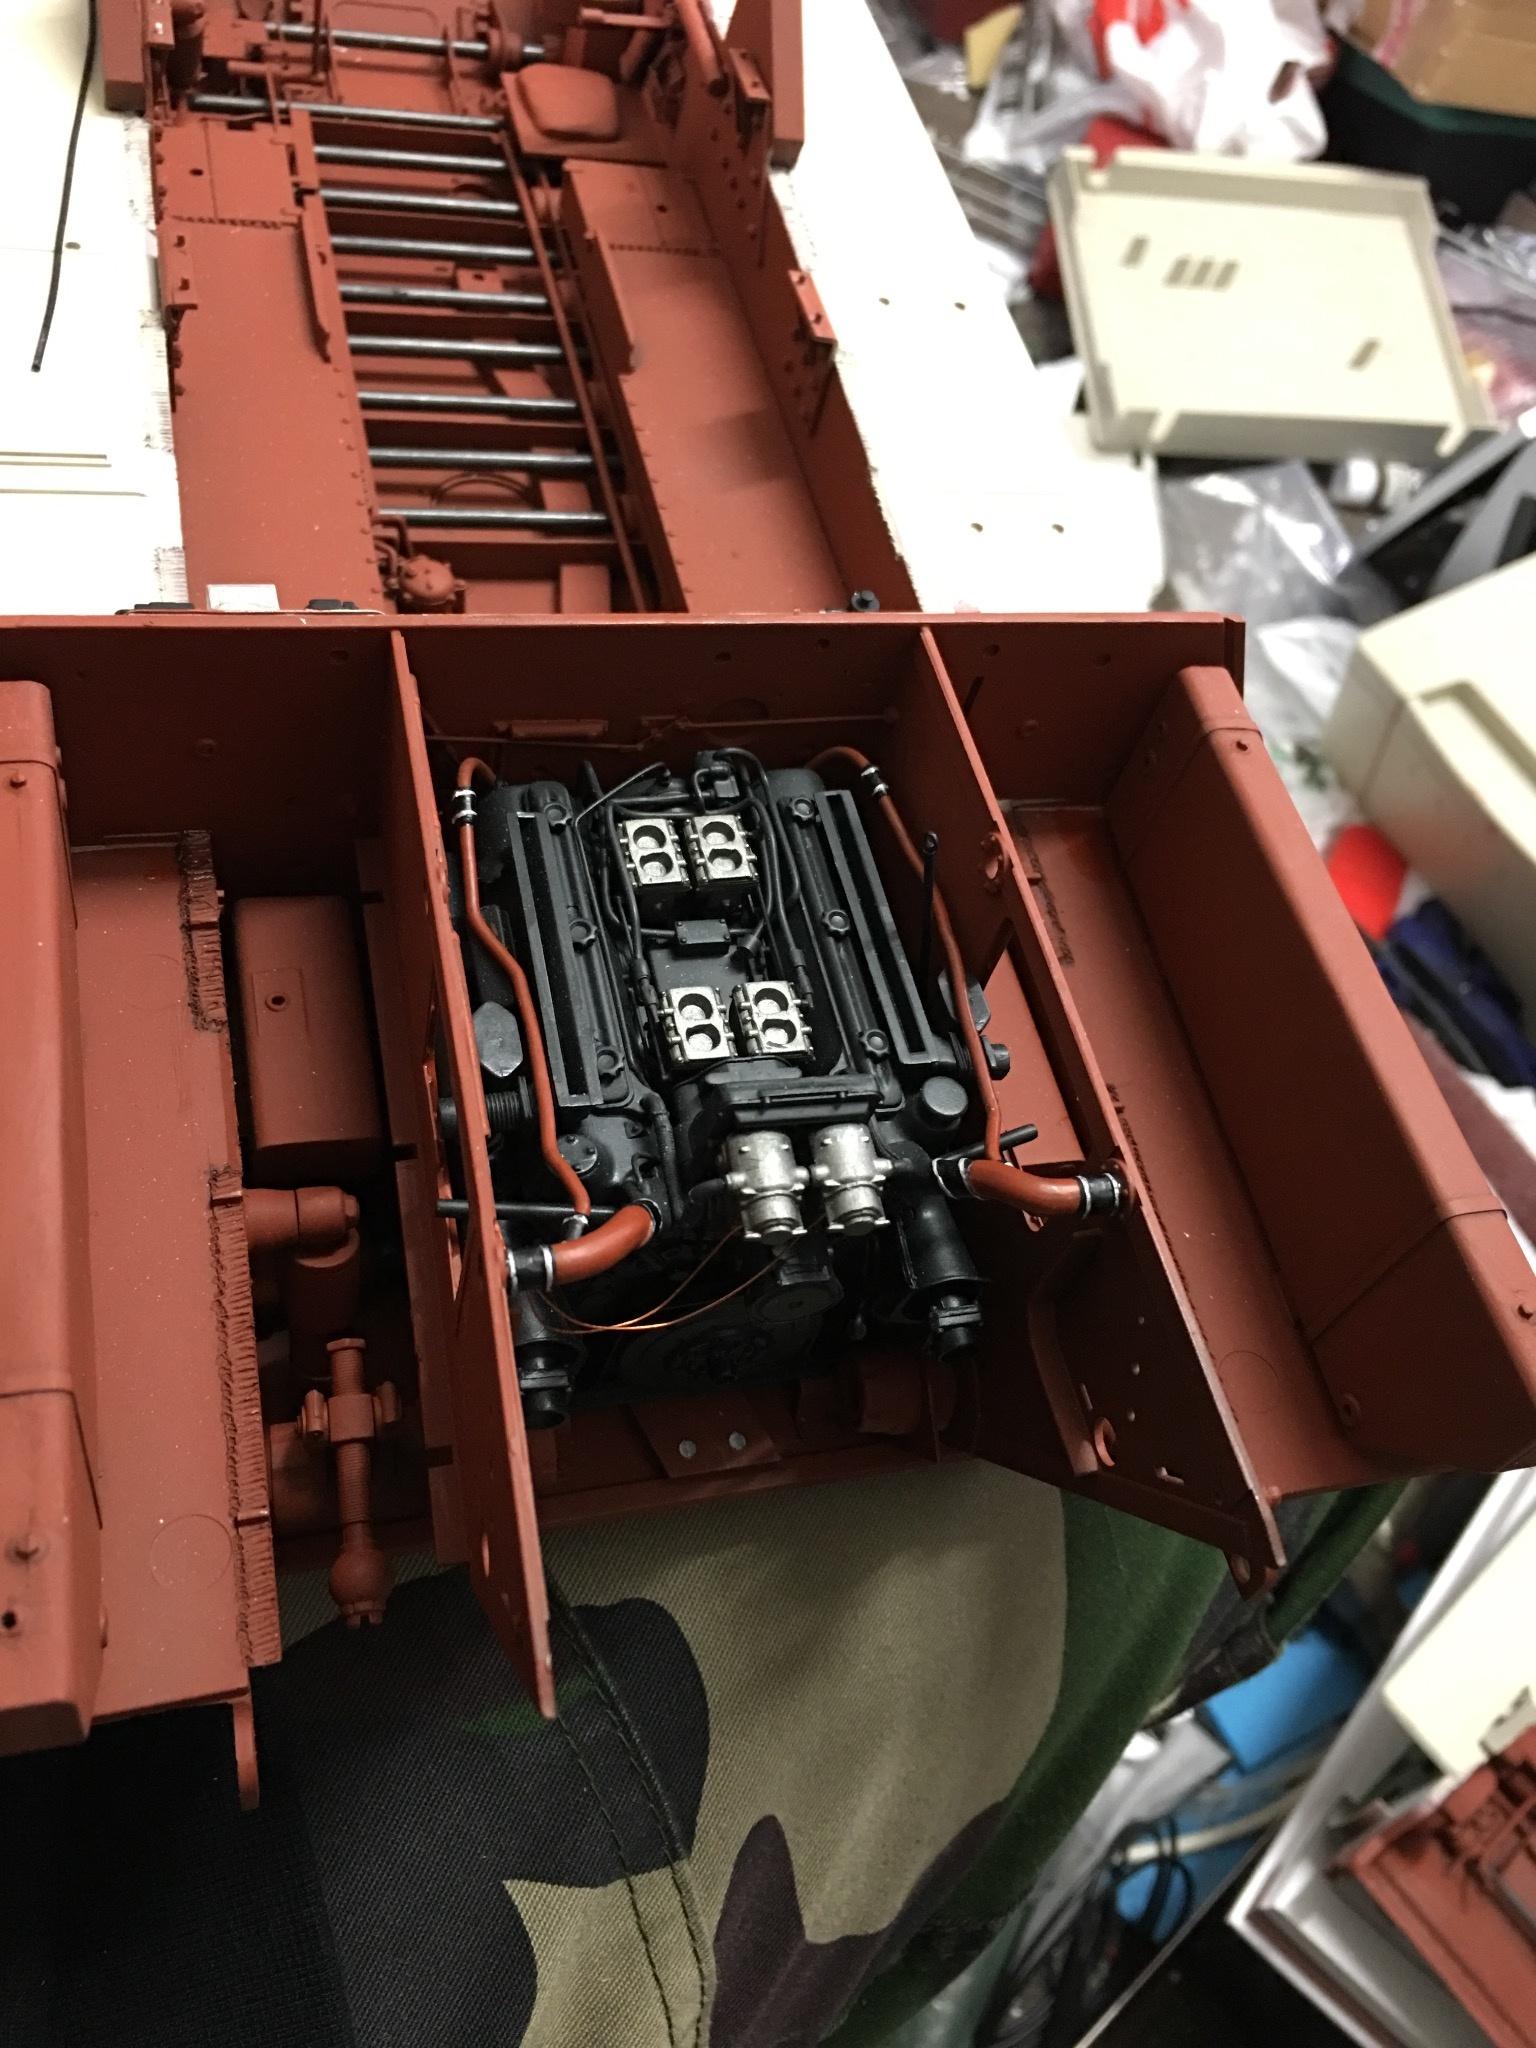 76BFAAE4-925A-4E9E-A329-7A5A9876CAA3.jpeg